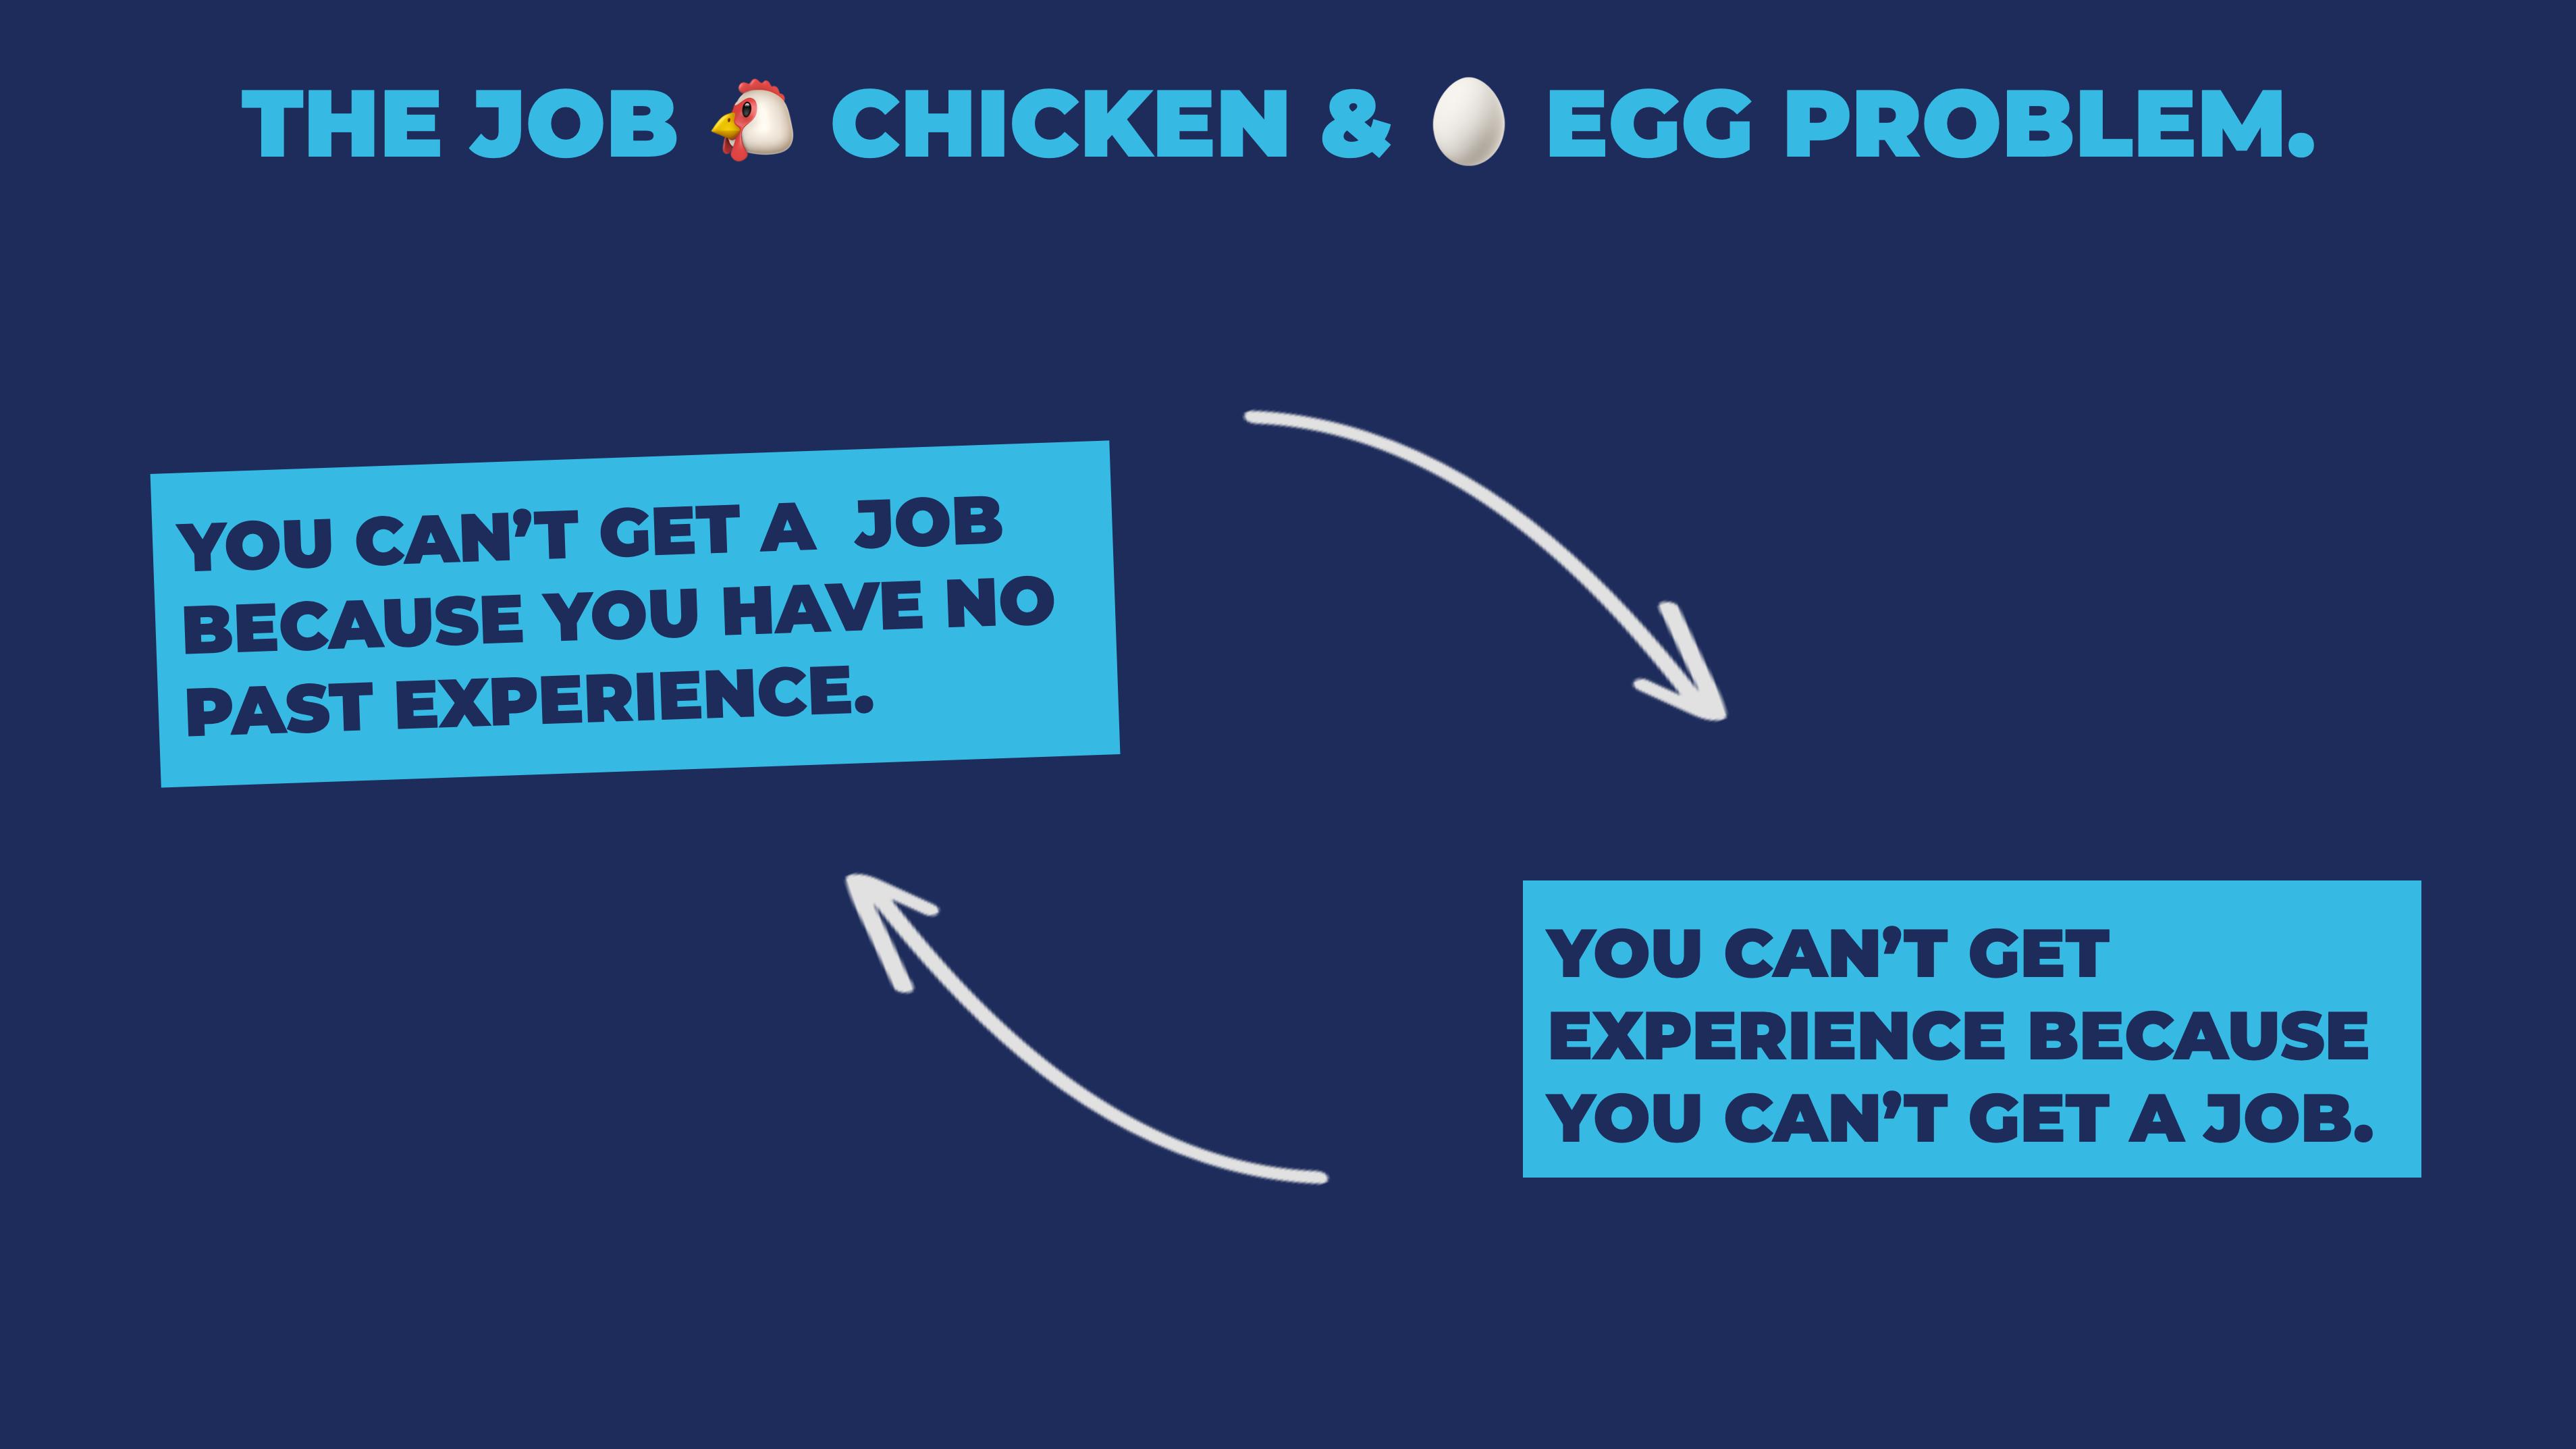 Chicken or egg problem: No job because no experience, no experience because no job.